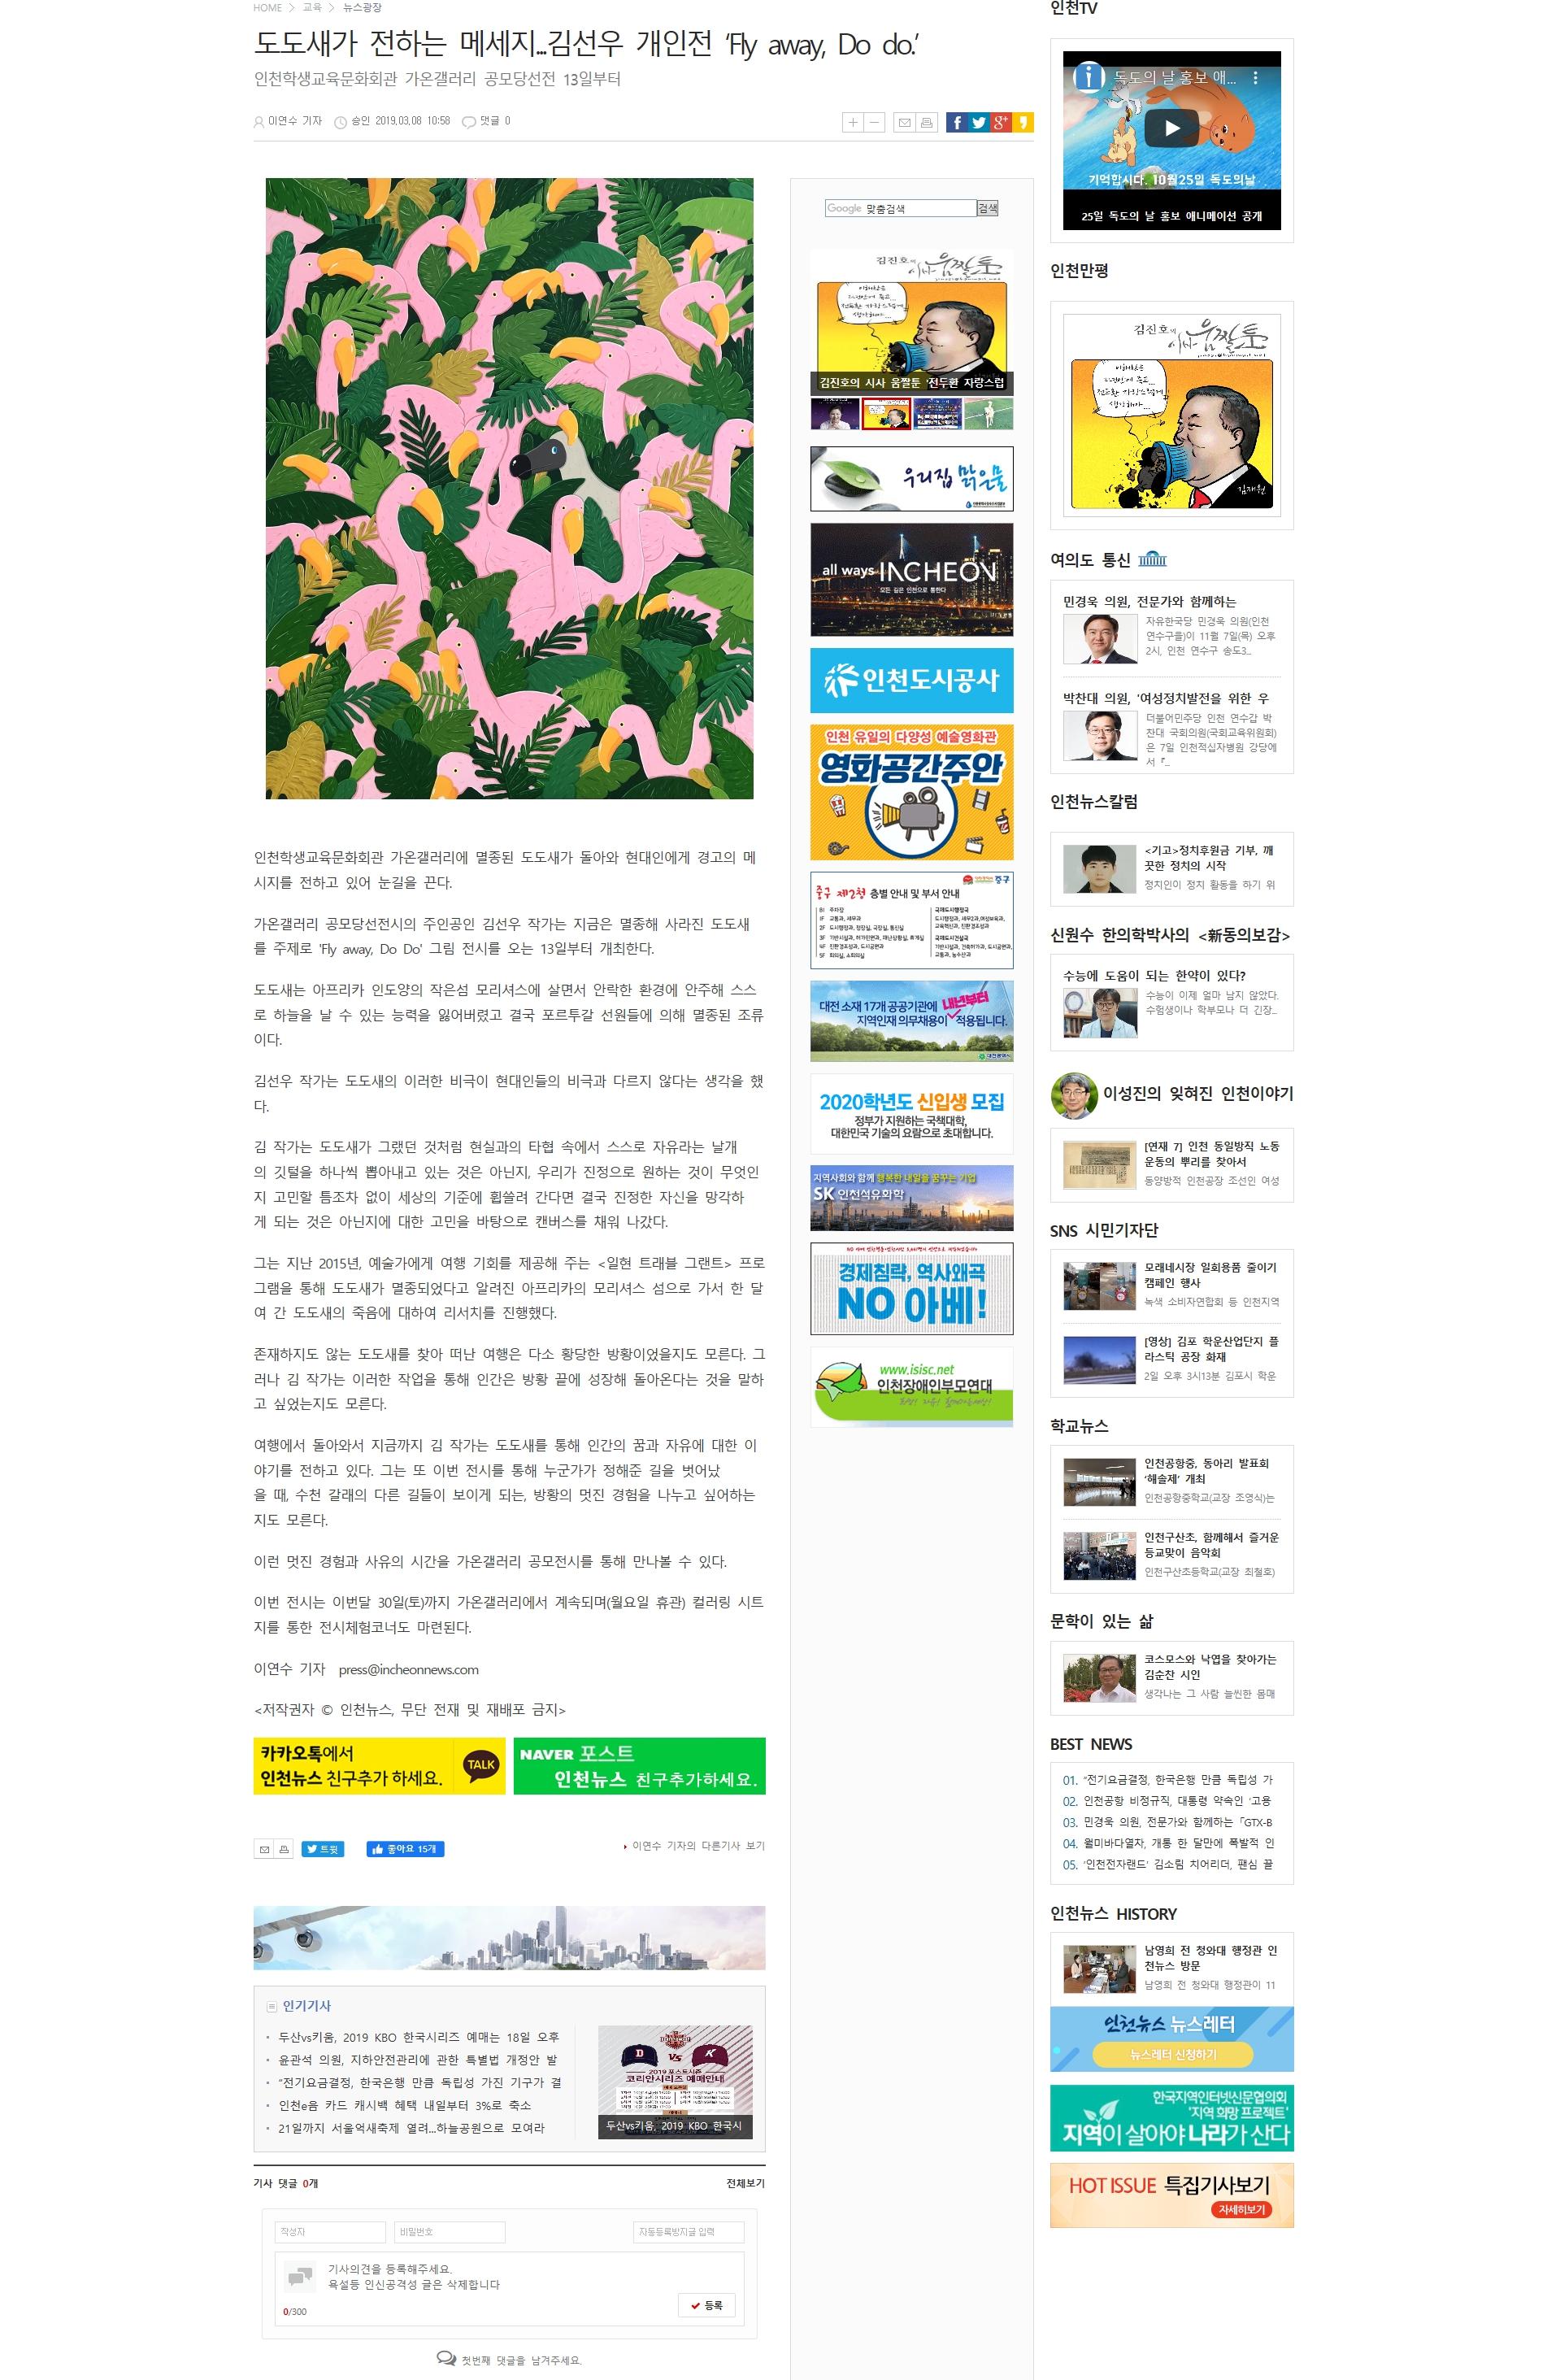 인천뉴스_개인전관련 기사 20190308